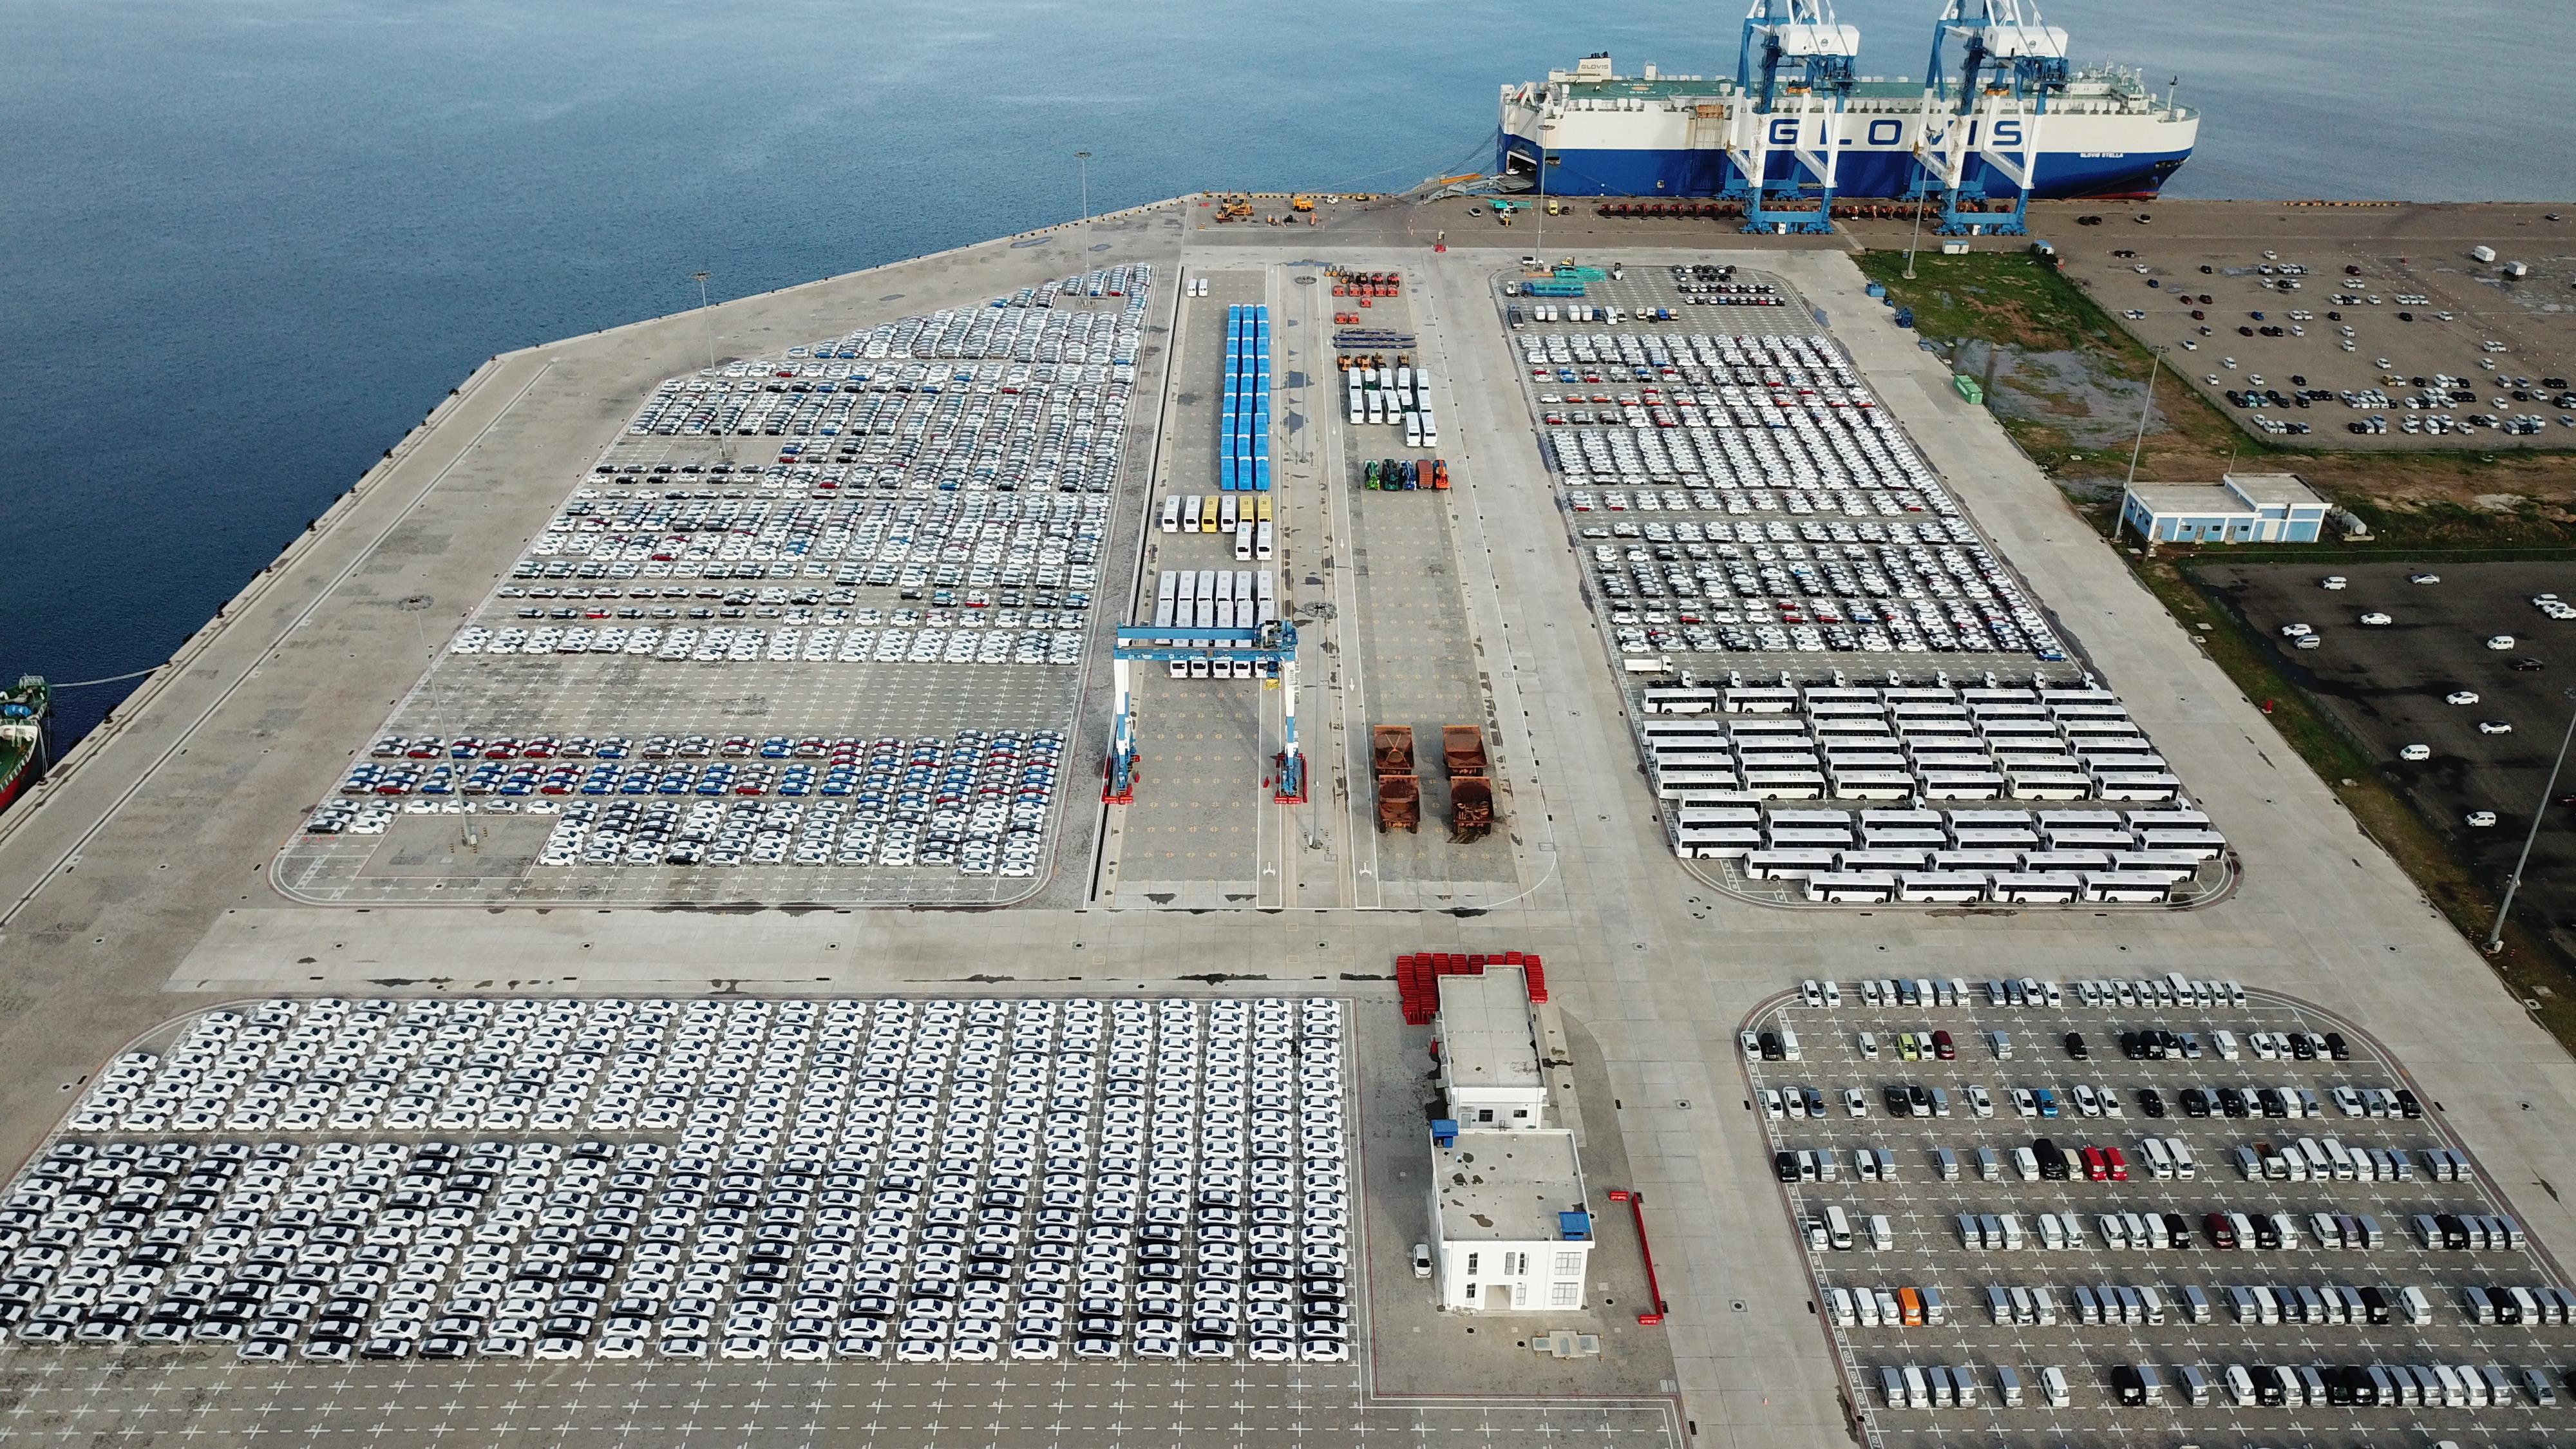 Sri Lanka's Hambantota International Port — Gateway to the